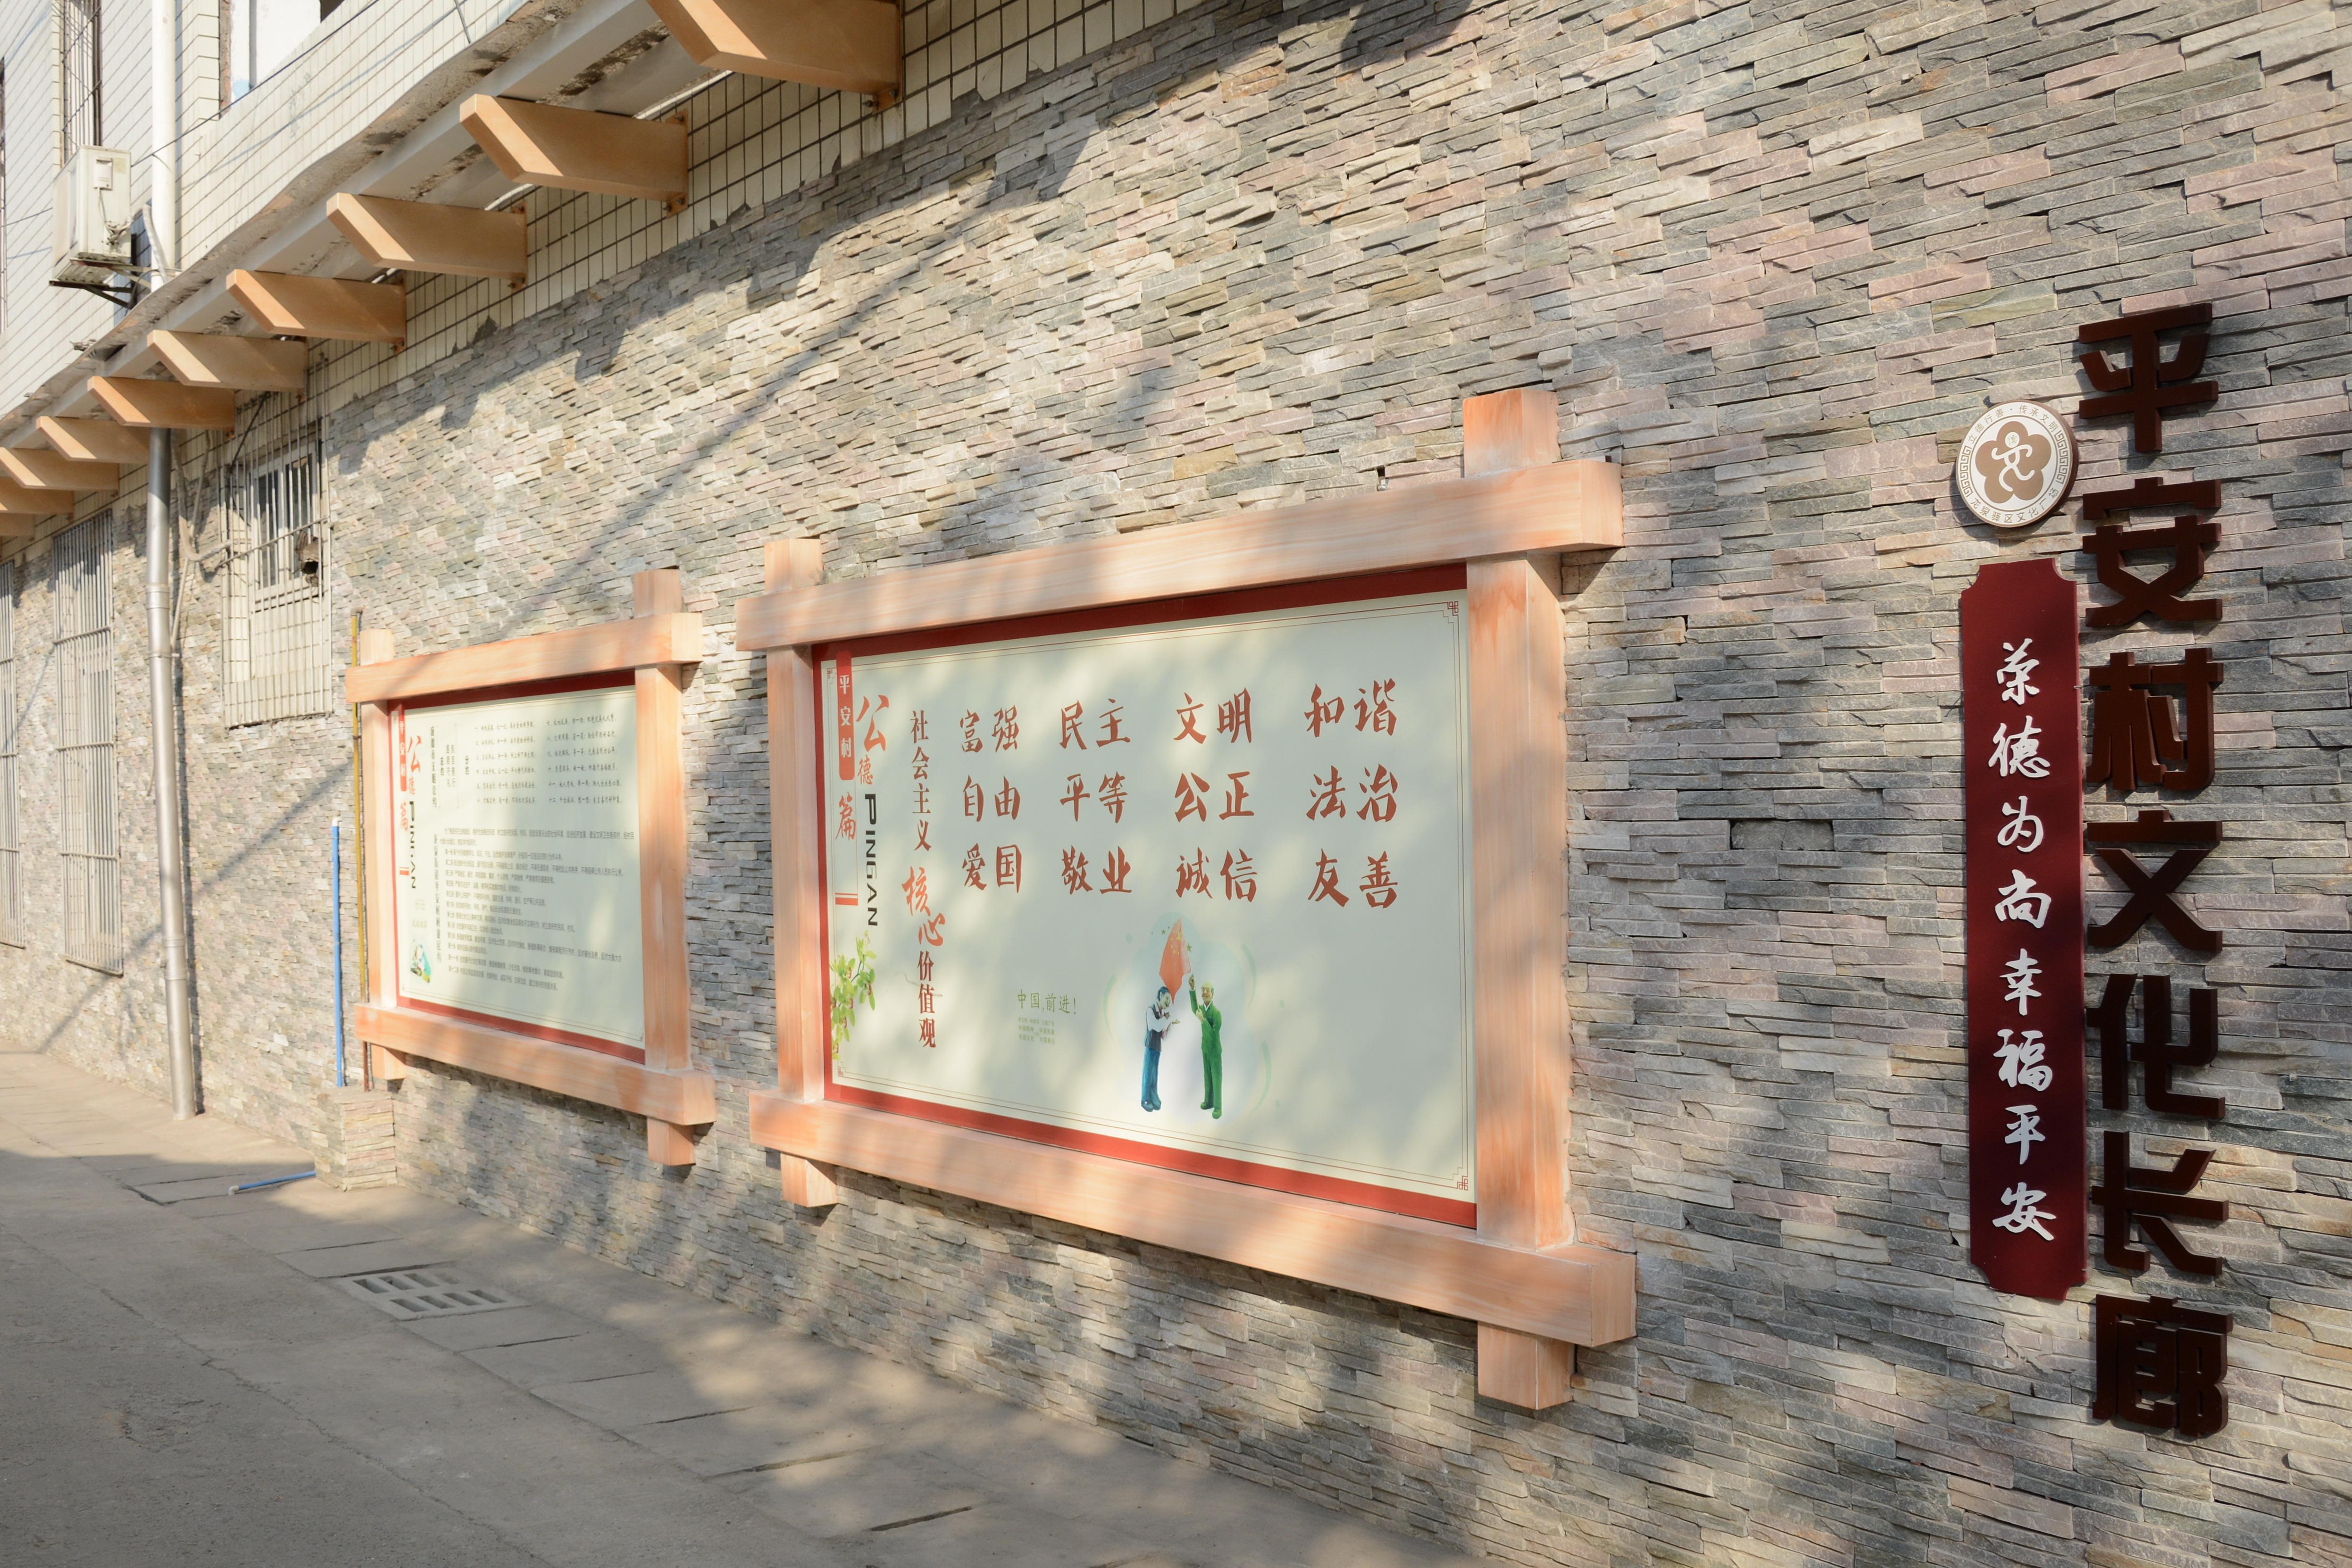 """专题库 热点 风景    2016年以来,一面面""""多彩""""的文化墙出现在龙泉"""